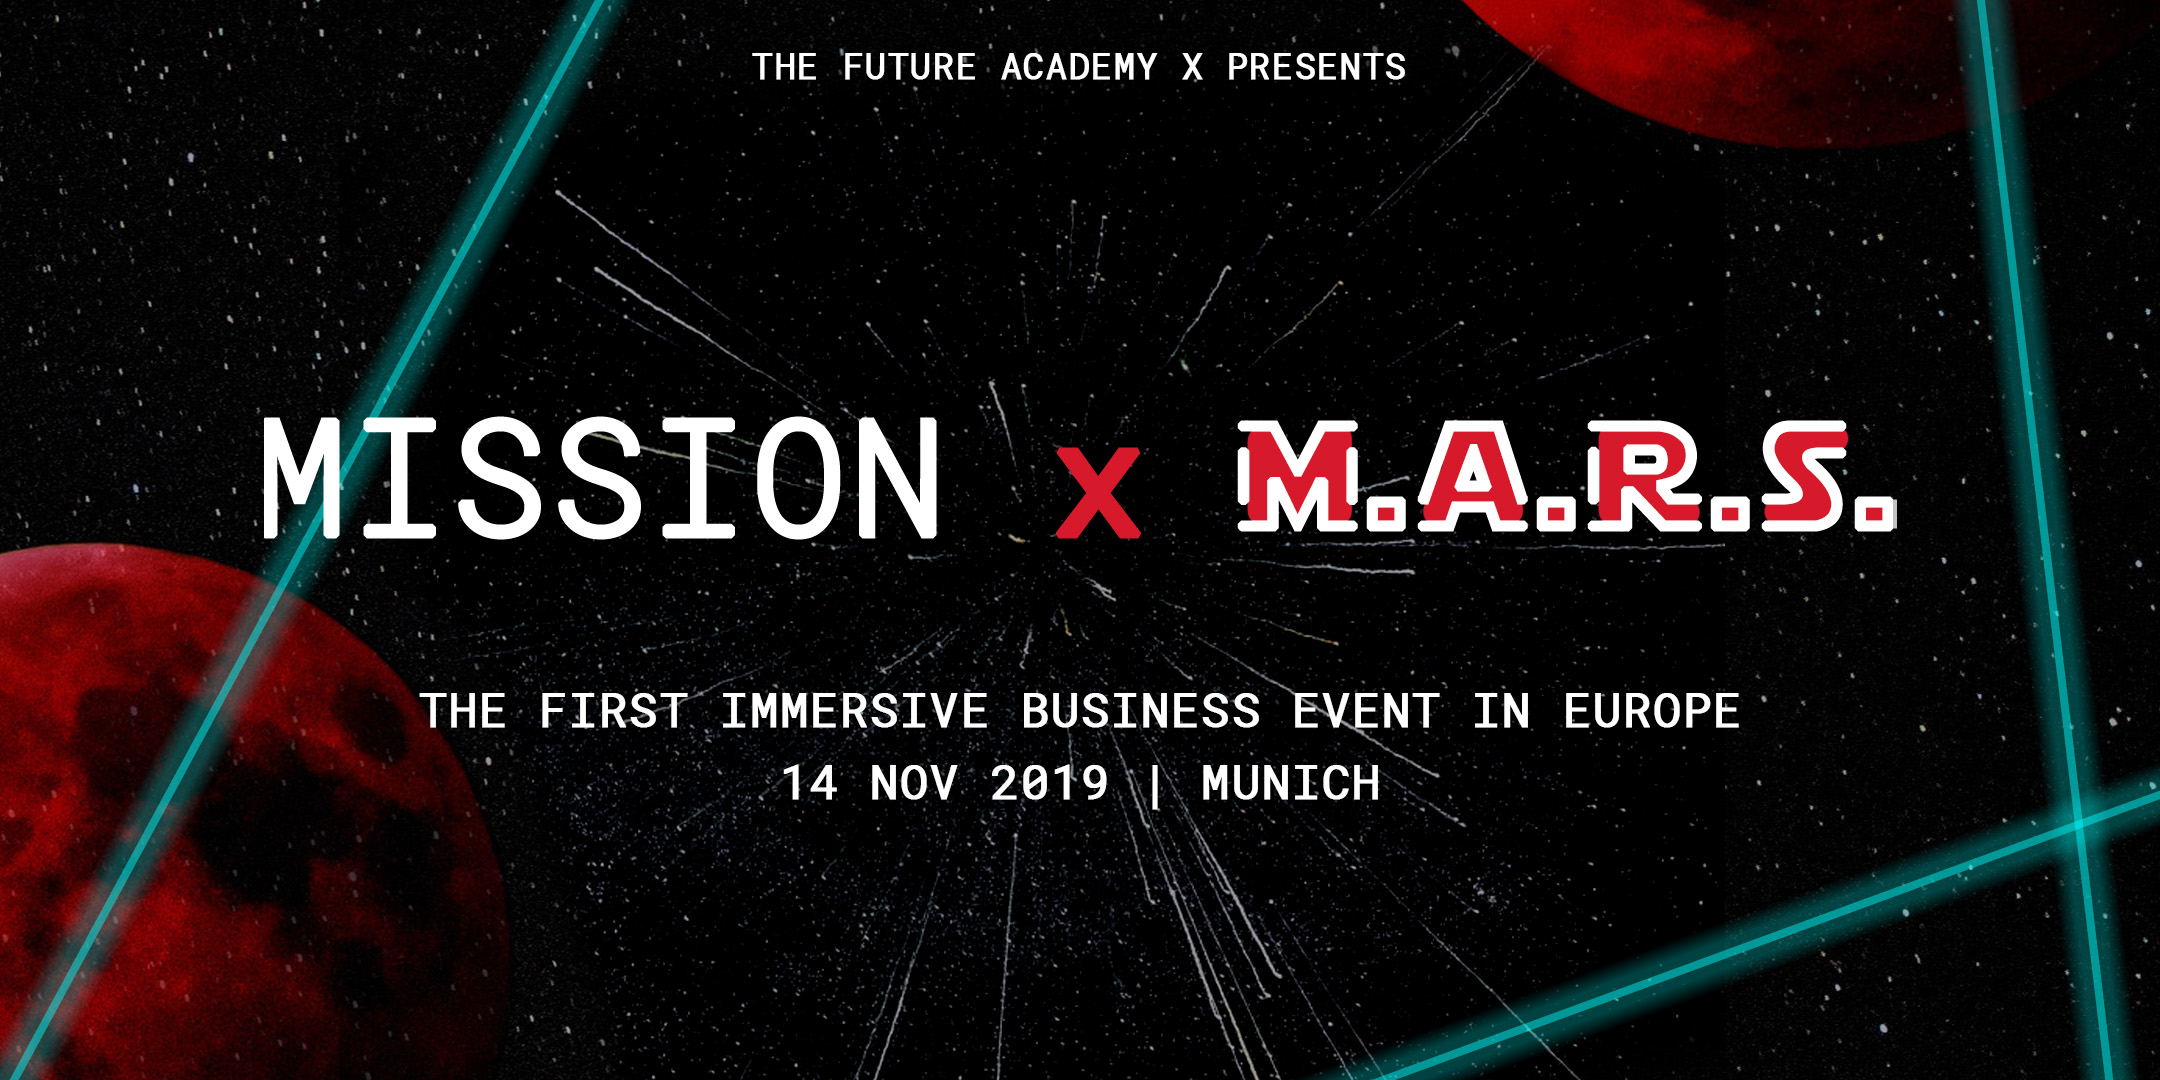 Mission x M.A.R.S. 2019